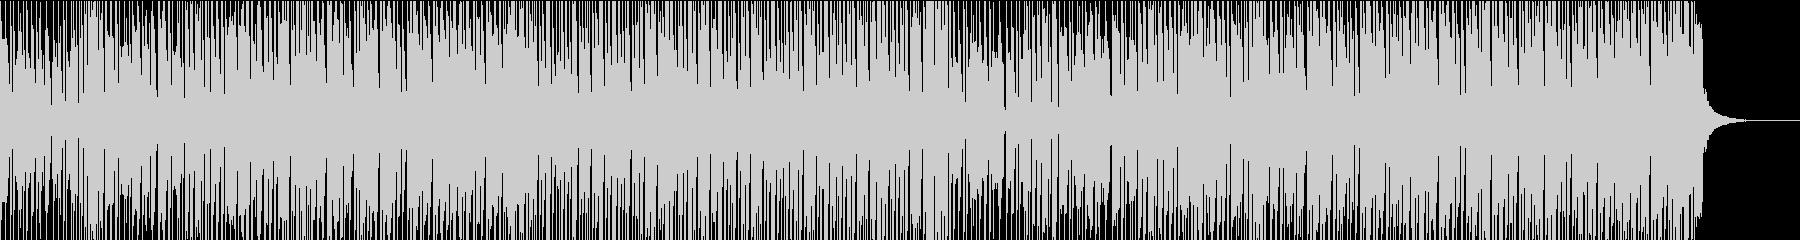 トロピカル ポジティブ 明るい さ...の未再生の波形